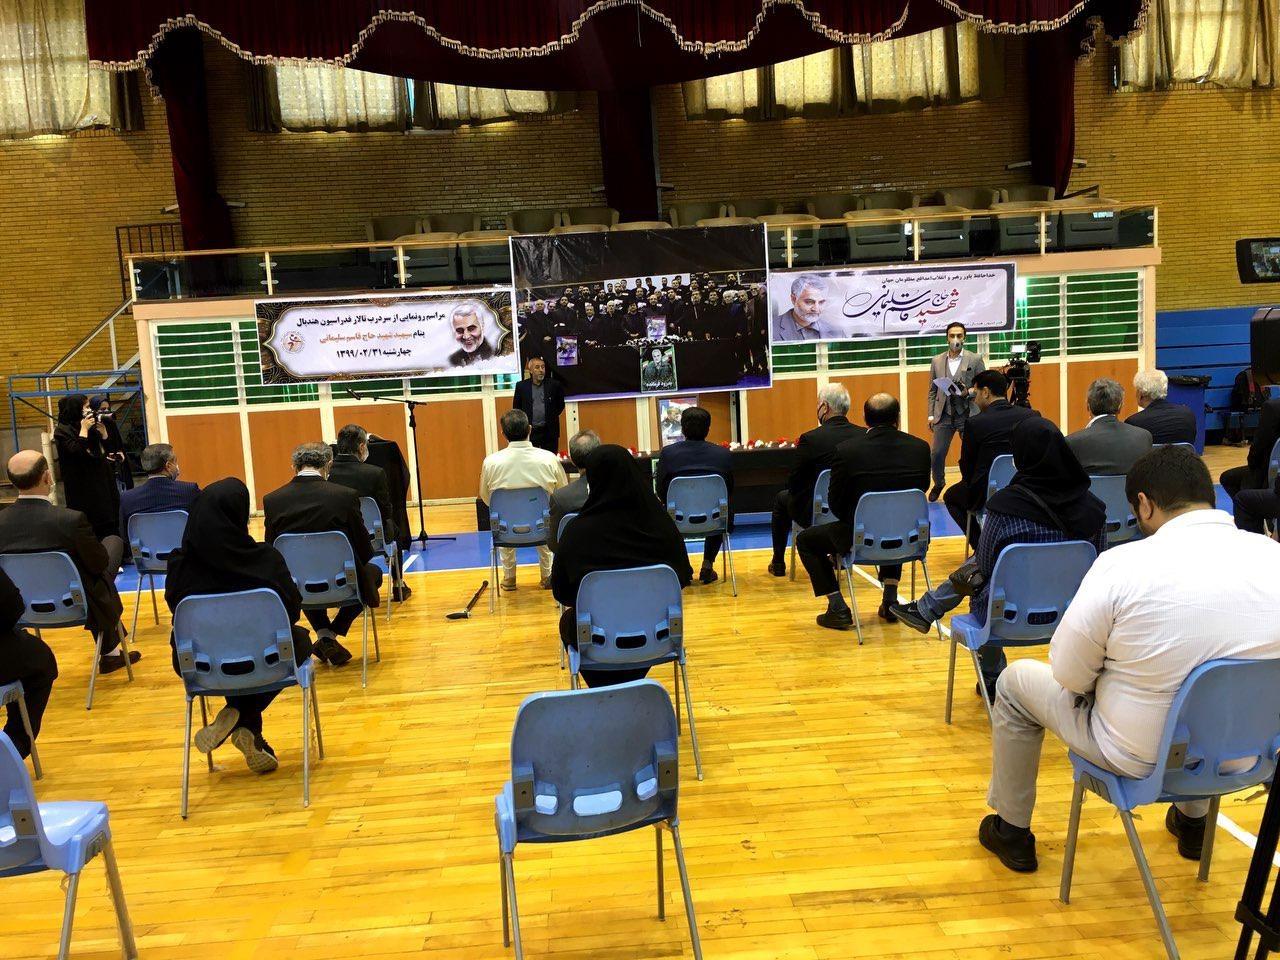 مراسم رونمایی از سردر جدید تالار هندبال برگزار شد/ پاسداشت یاد و نام سردار دلها